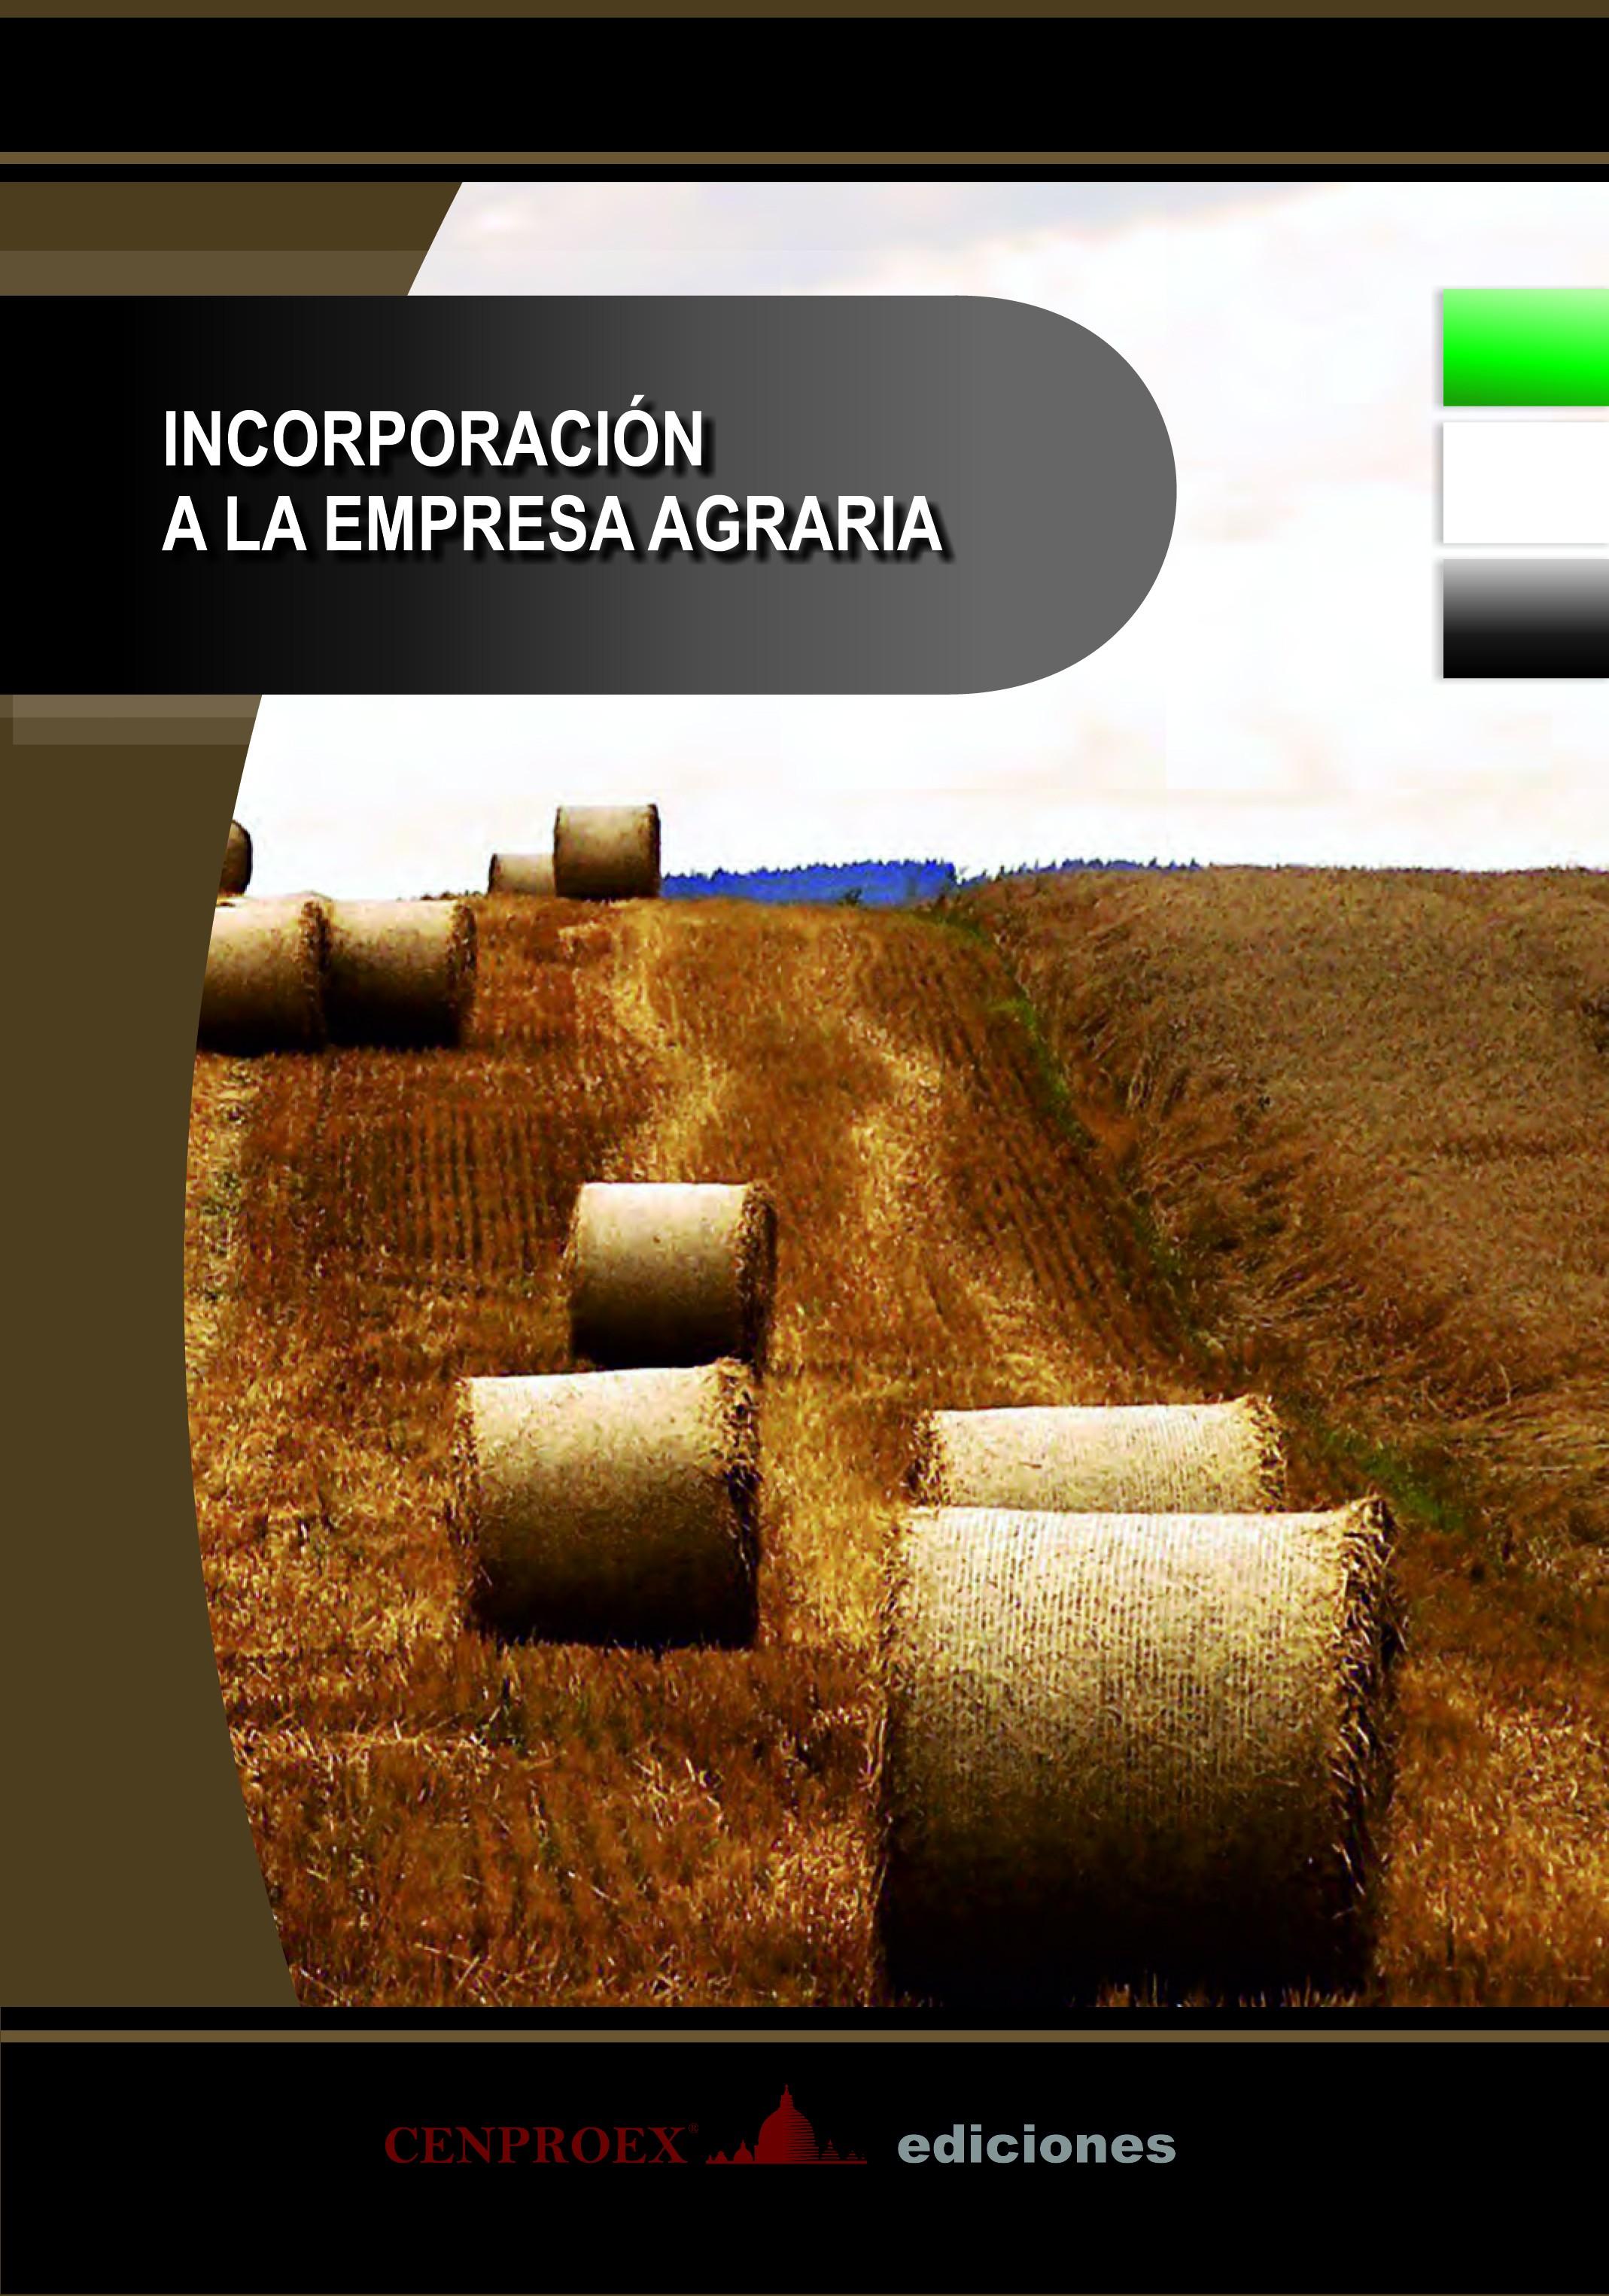 608. Incorporación a la Empresa Agraria